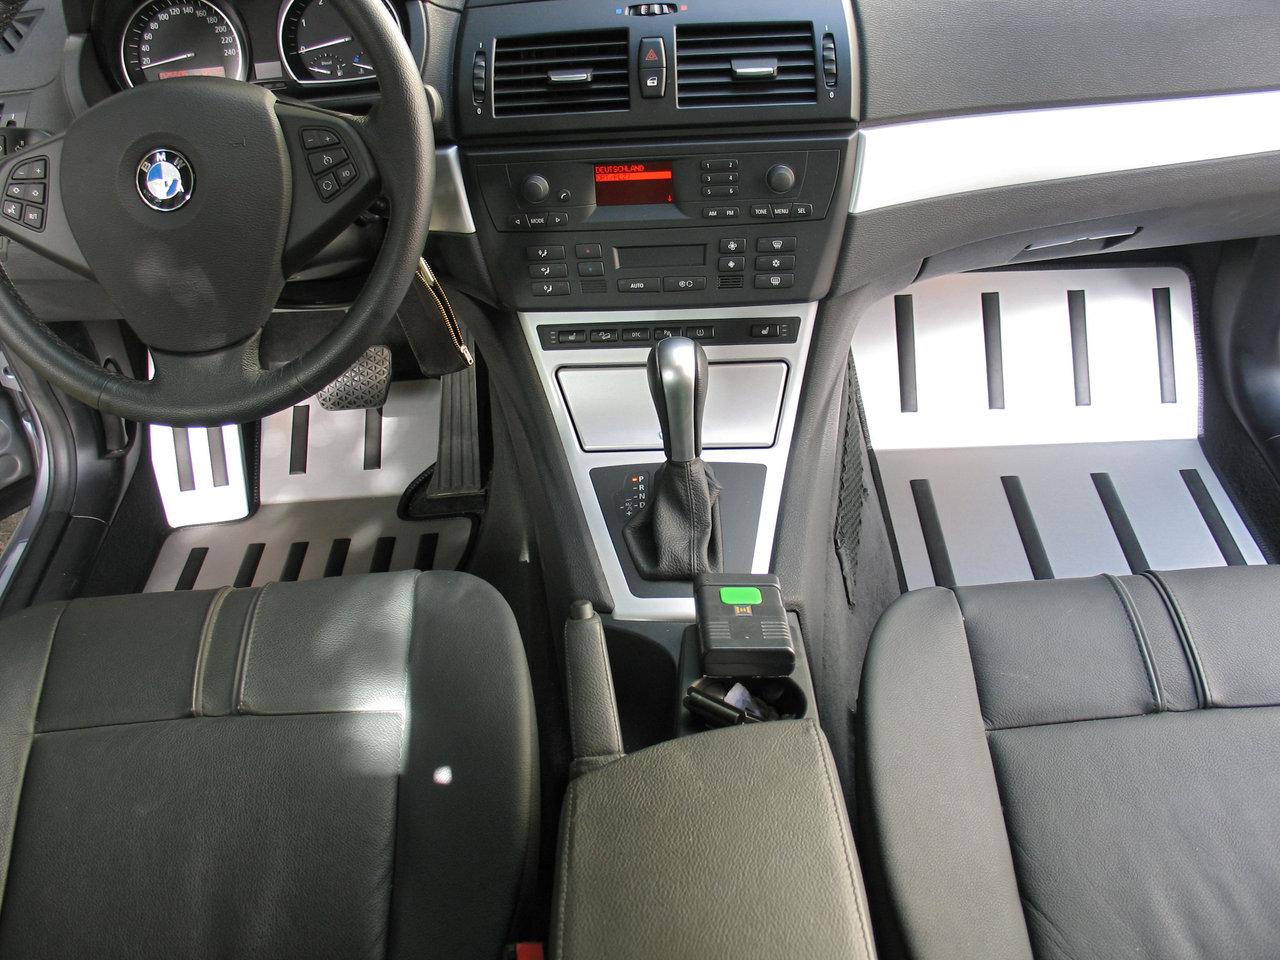 Fußmatten Kofferraumwanne Set für BMW X3 E83 2004-2010